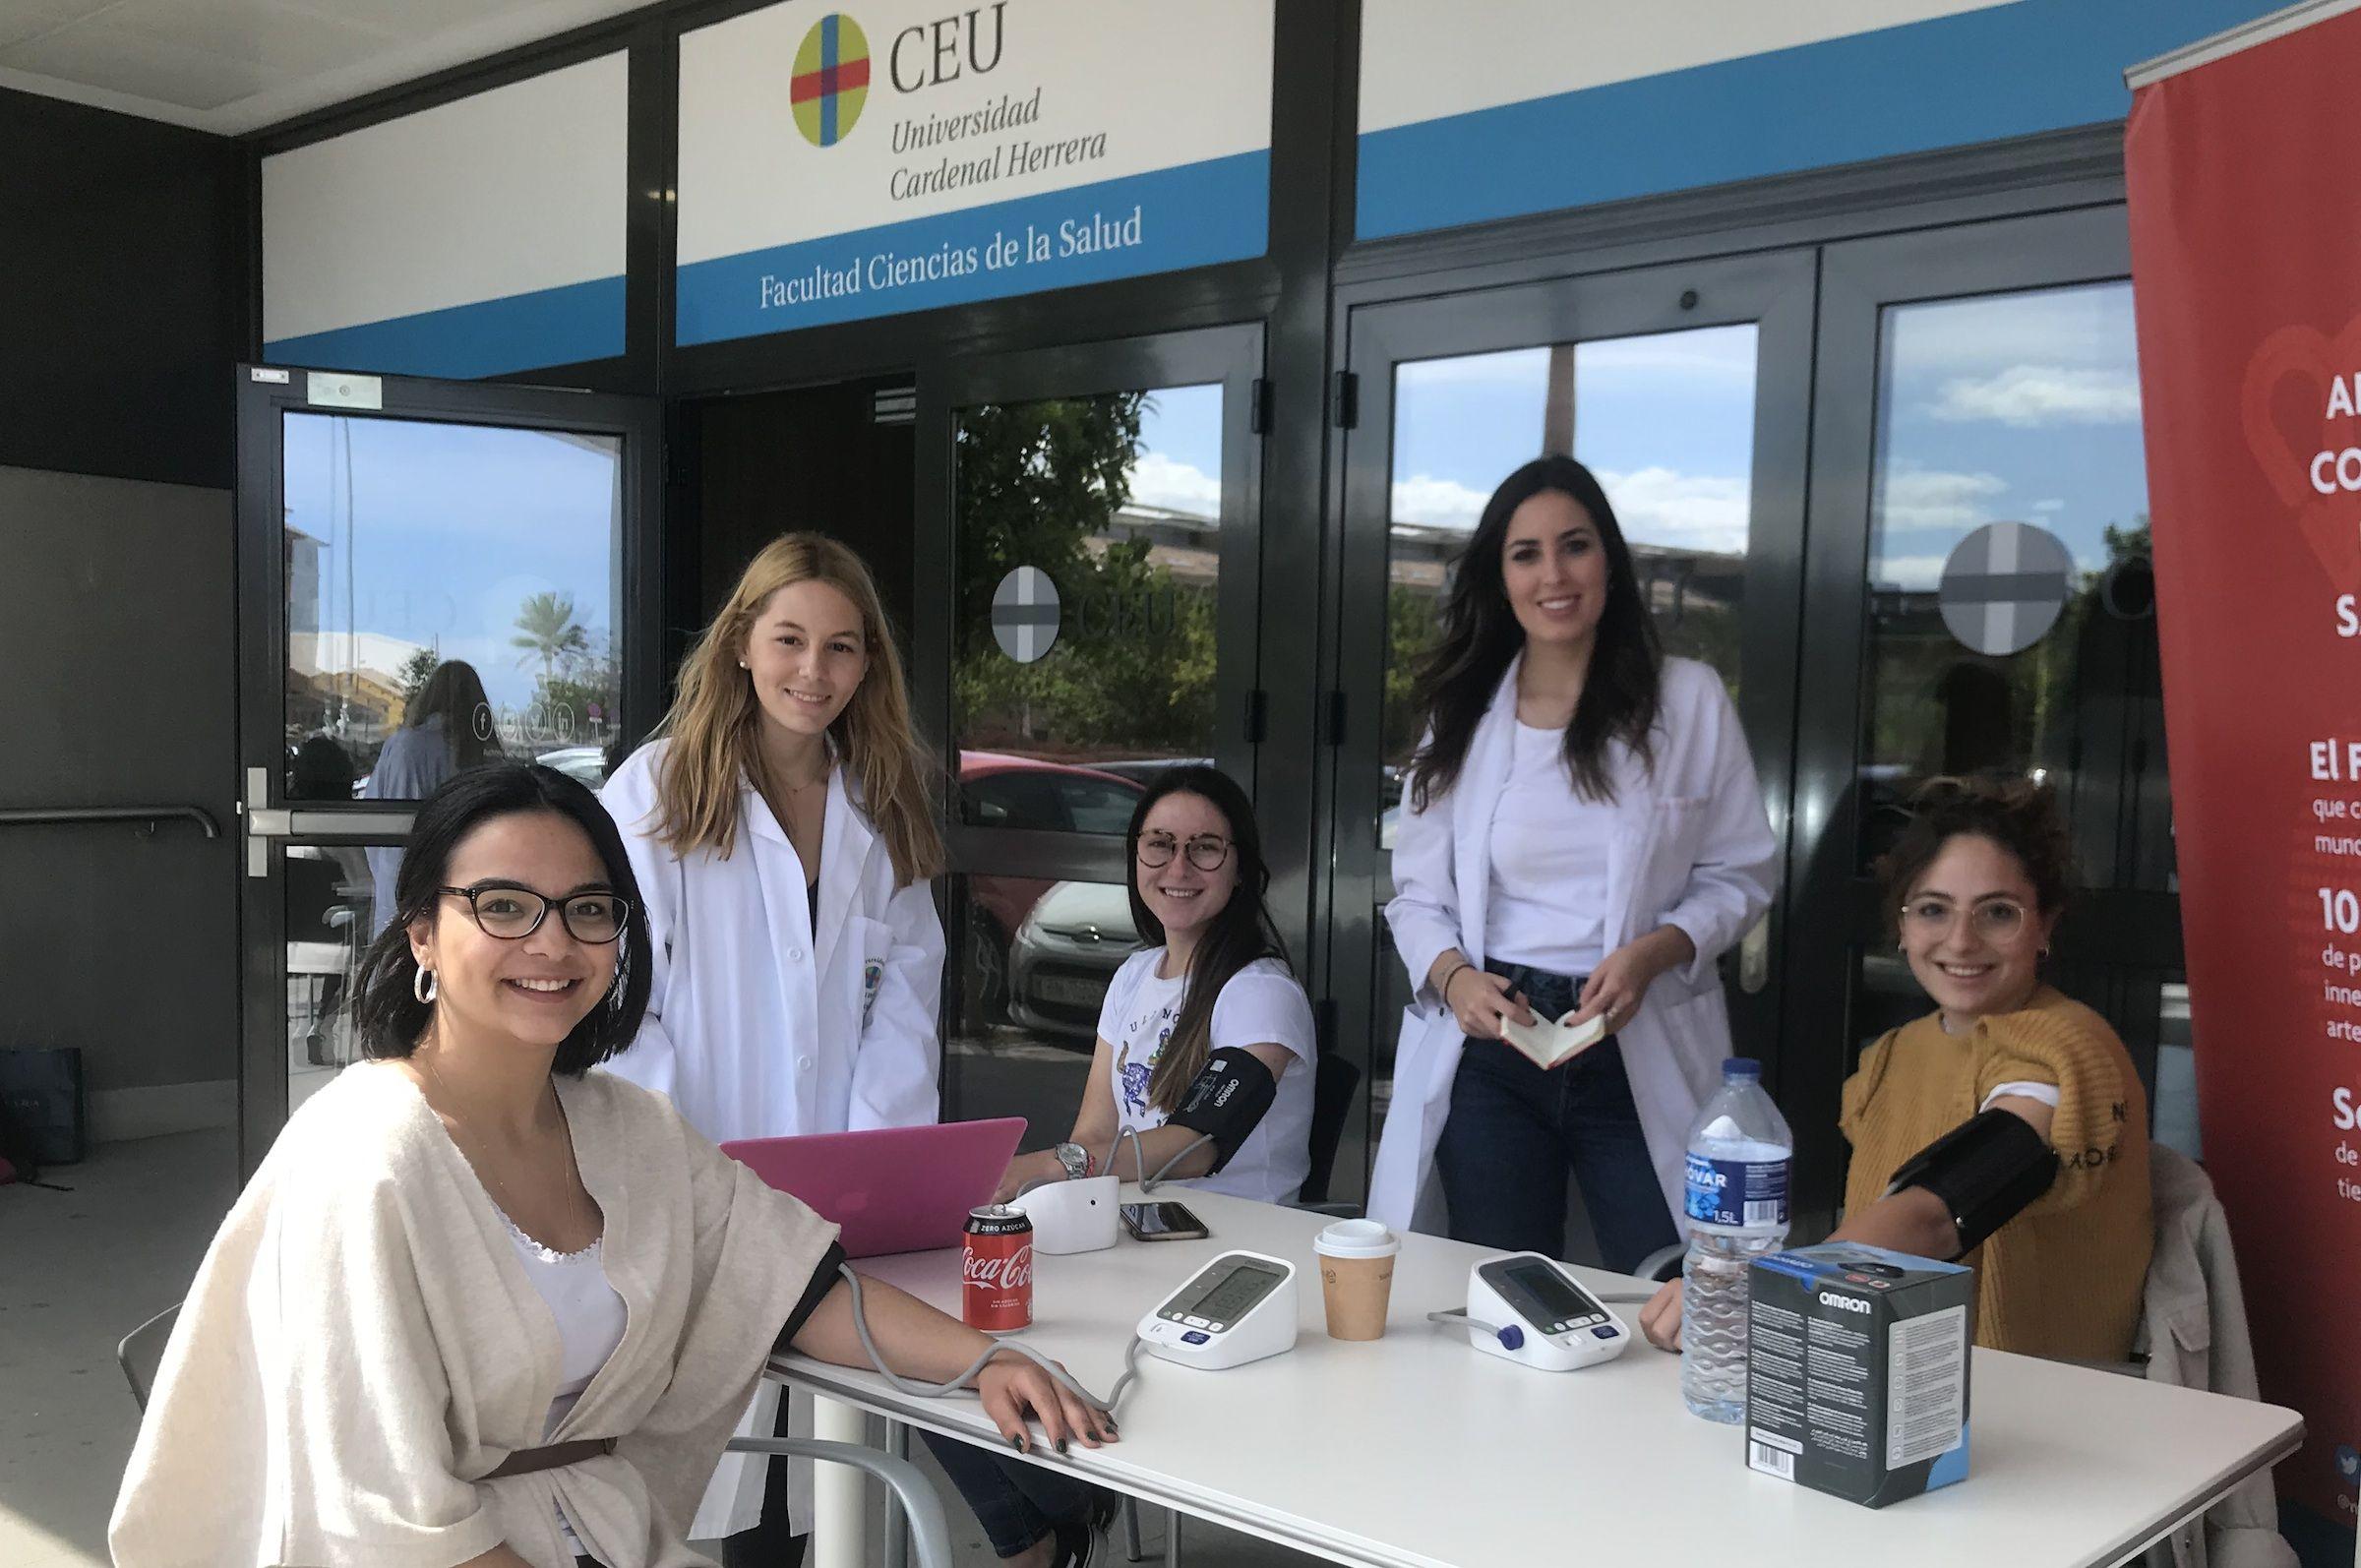 Una de las mesas de la campaña May Measurement Month, atendida por estudiantes voluntarios en la Facultad de Ciencias de la Salud de la CEU UCH en Alfara.